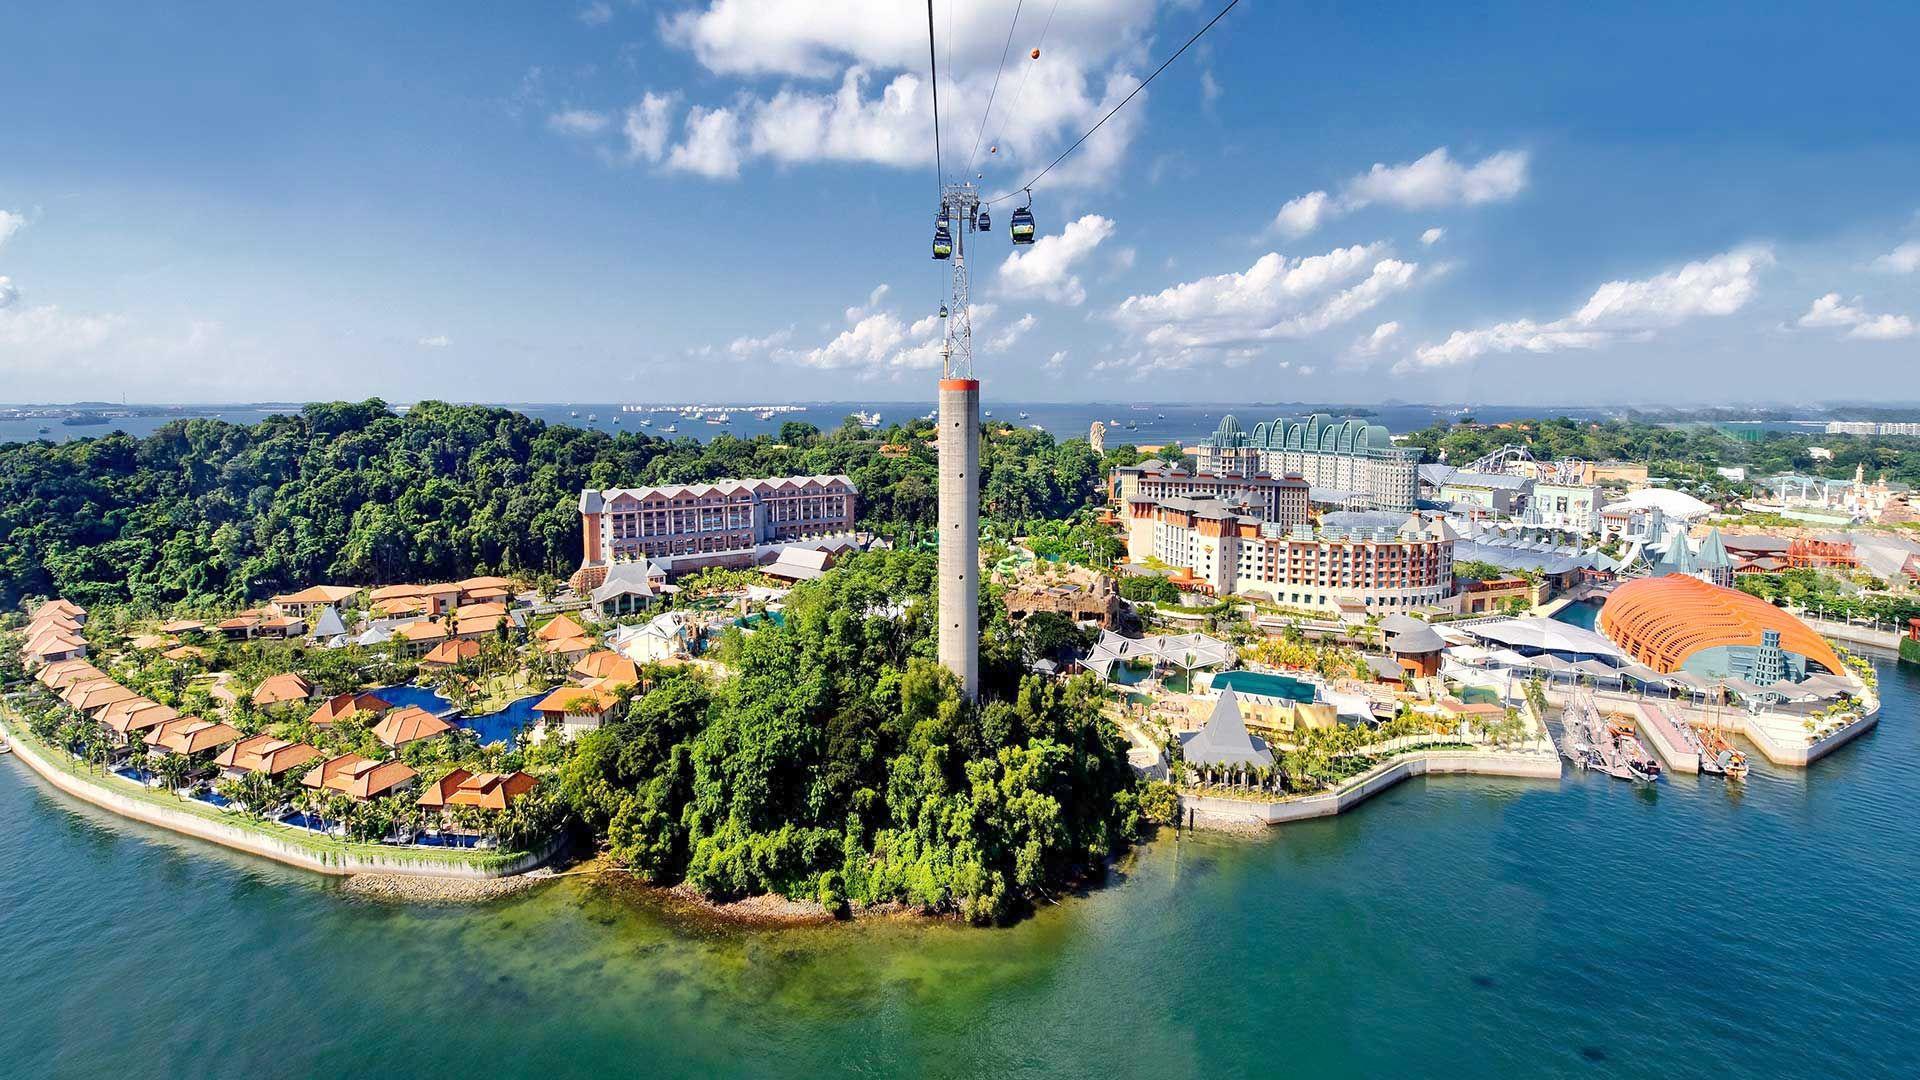 اسعار السياحة في جزر سنغافورة Singapore Tour Package Island Tour Singapore Tour